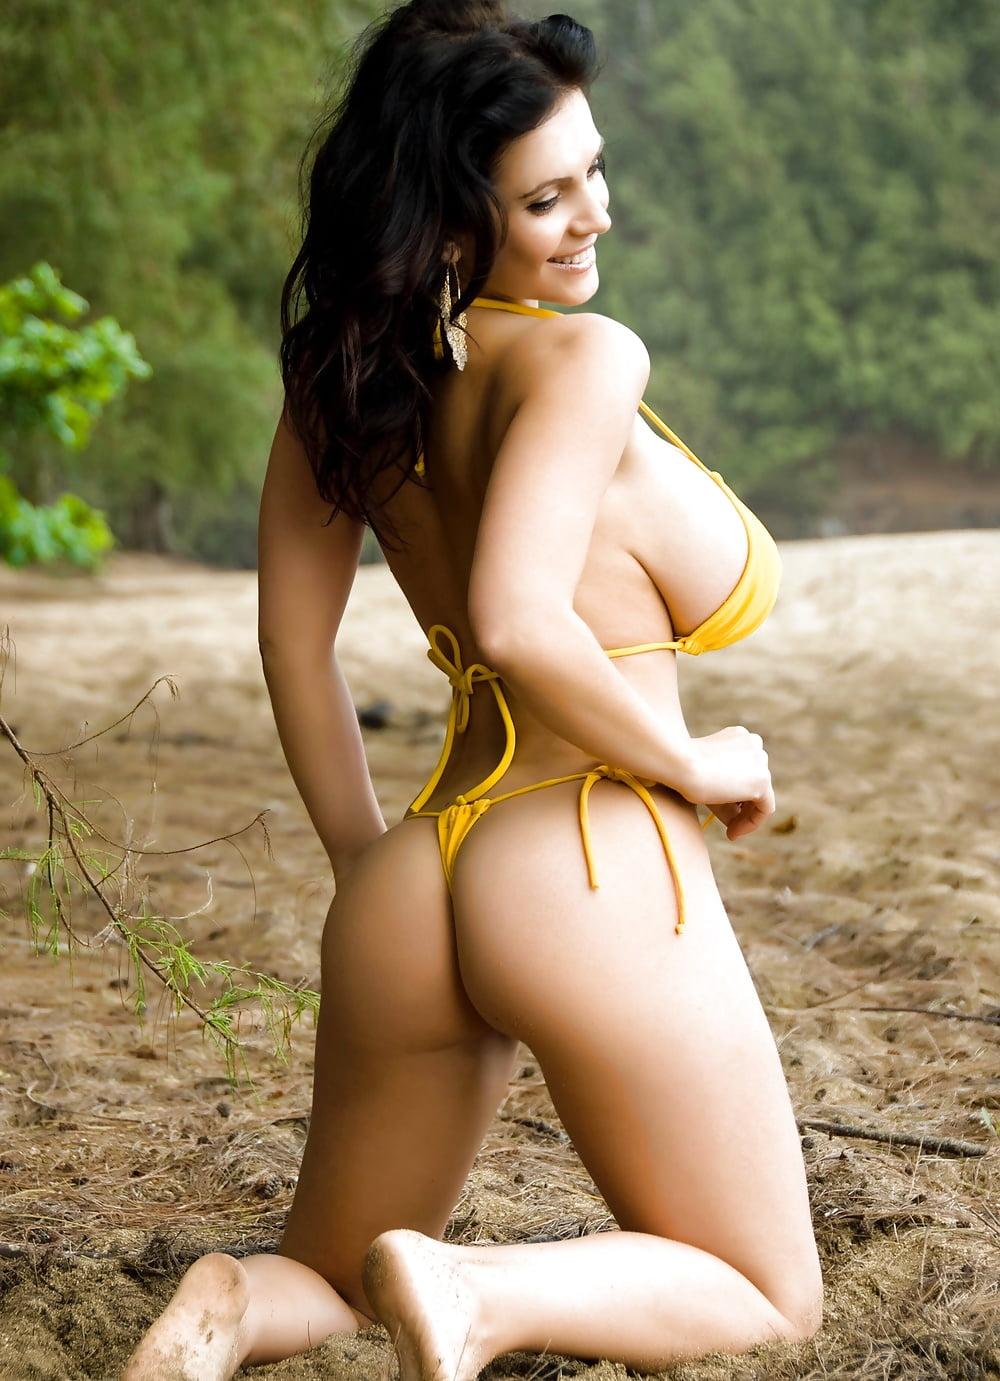 Nude gallery Kiara mia stockings